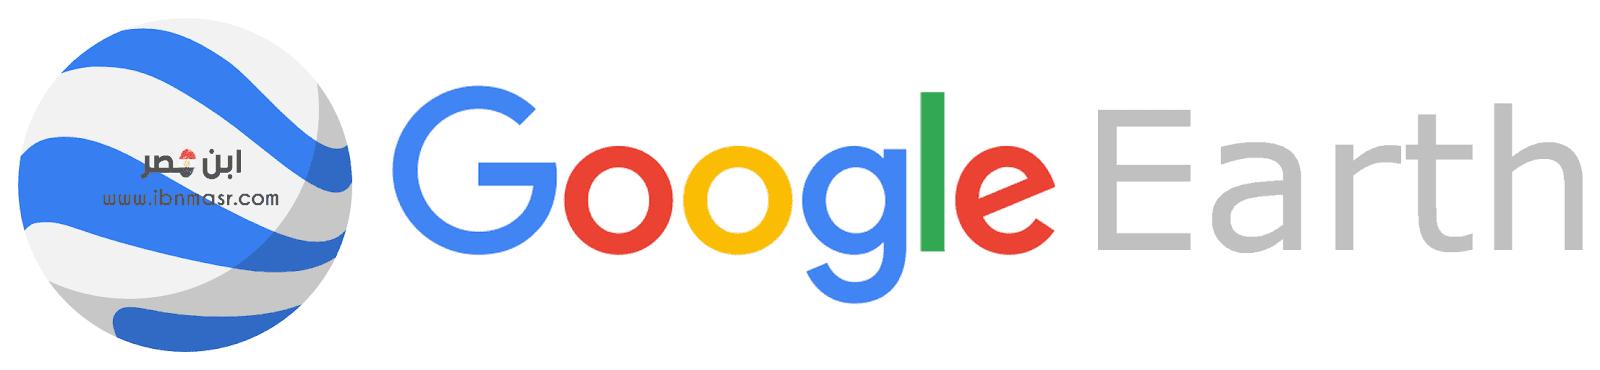 خرائط جوجل ايرث اون لاين